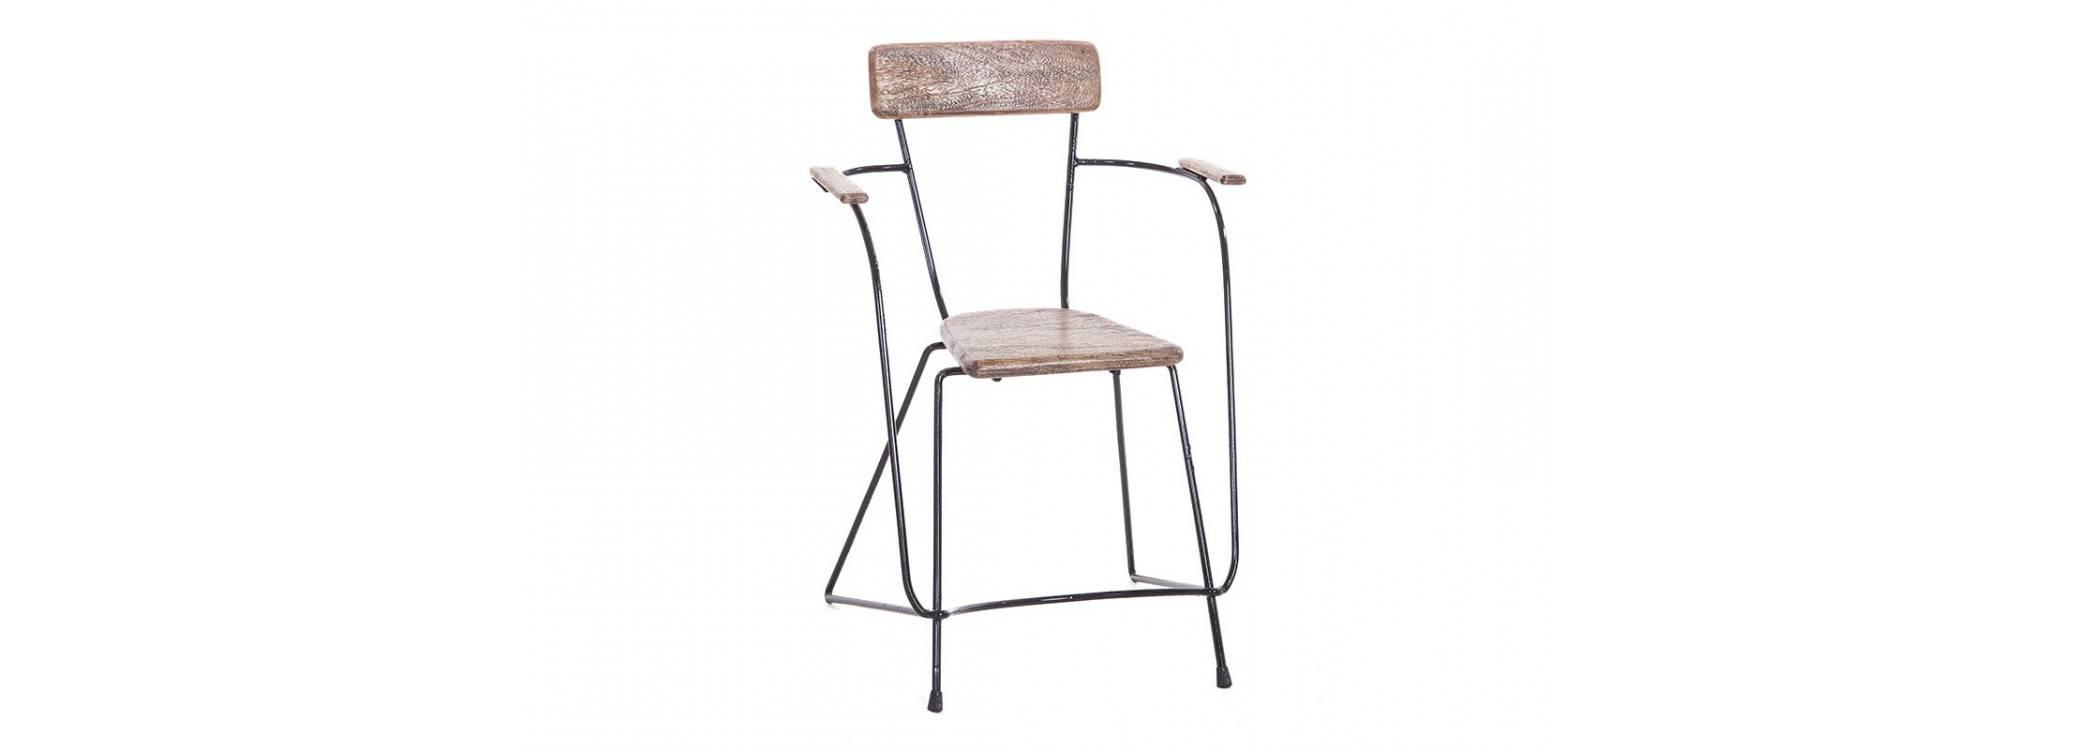 Chaise Trapèze brut avec accoudoirs - Métal et assise bois